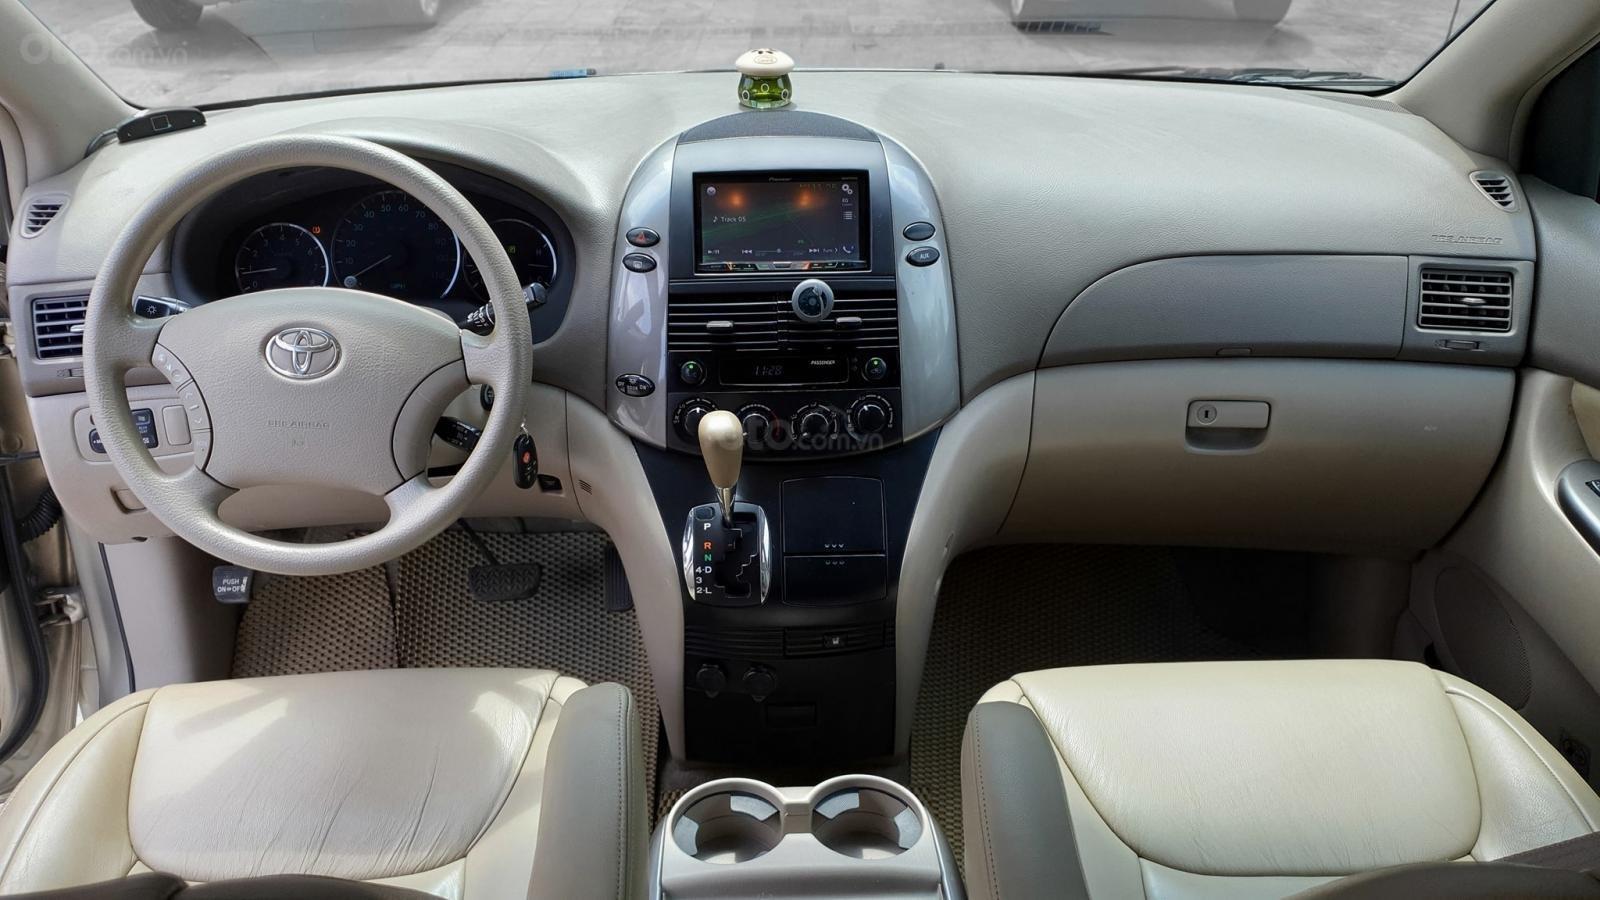 Cần bán xe Toyota Sienna LE 3.5 sản xuất 2008 màu vàng, nhập khẩu (10)